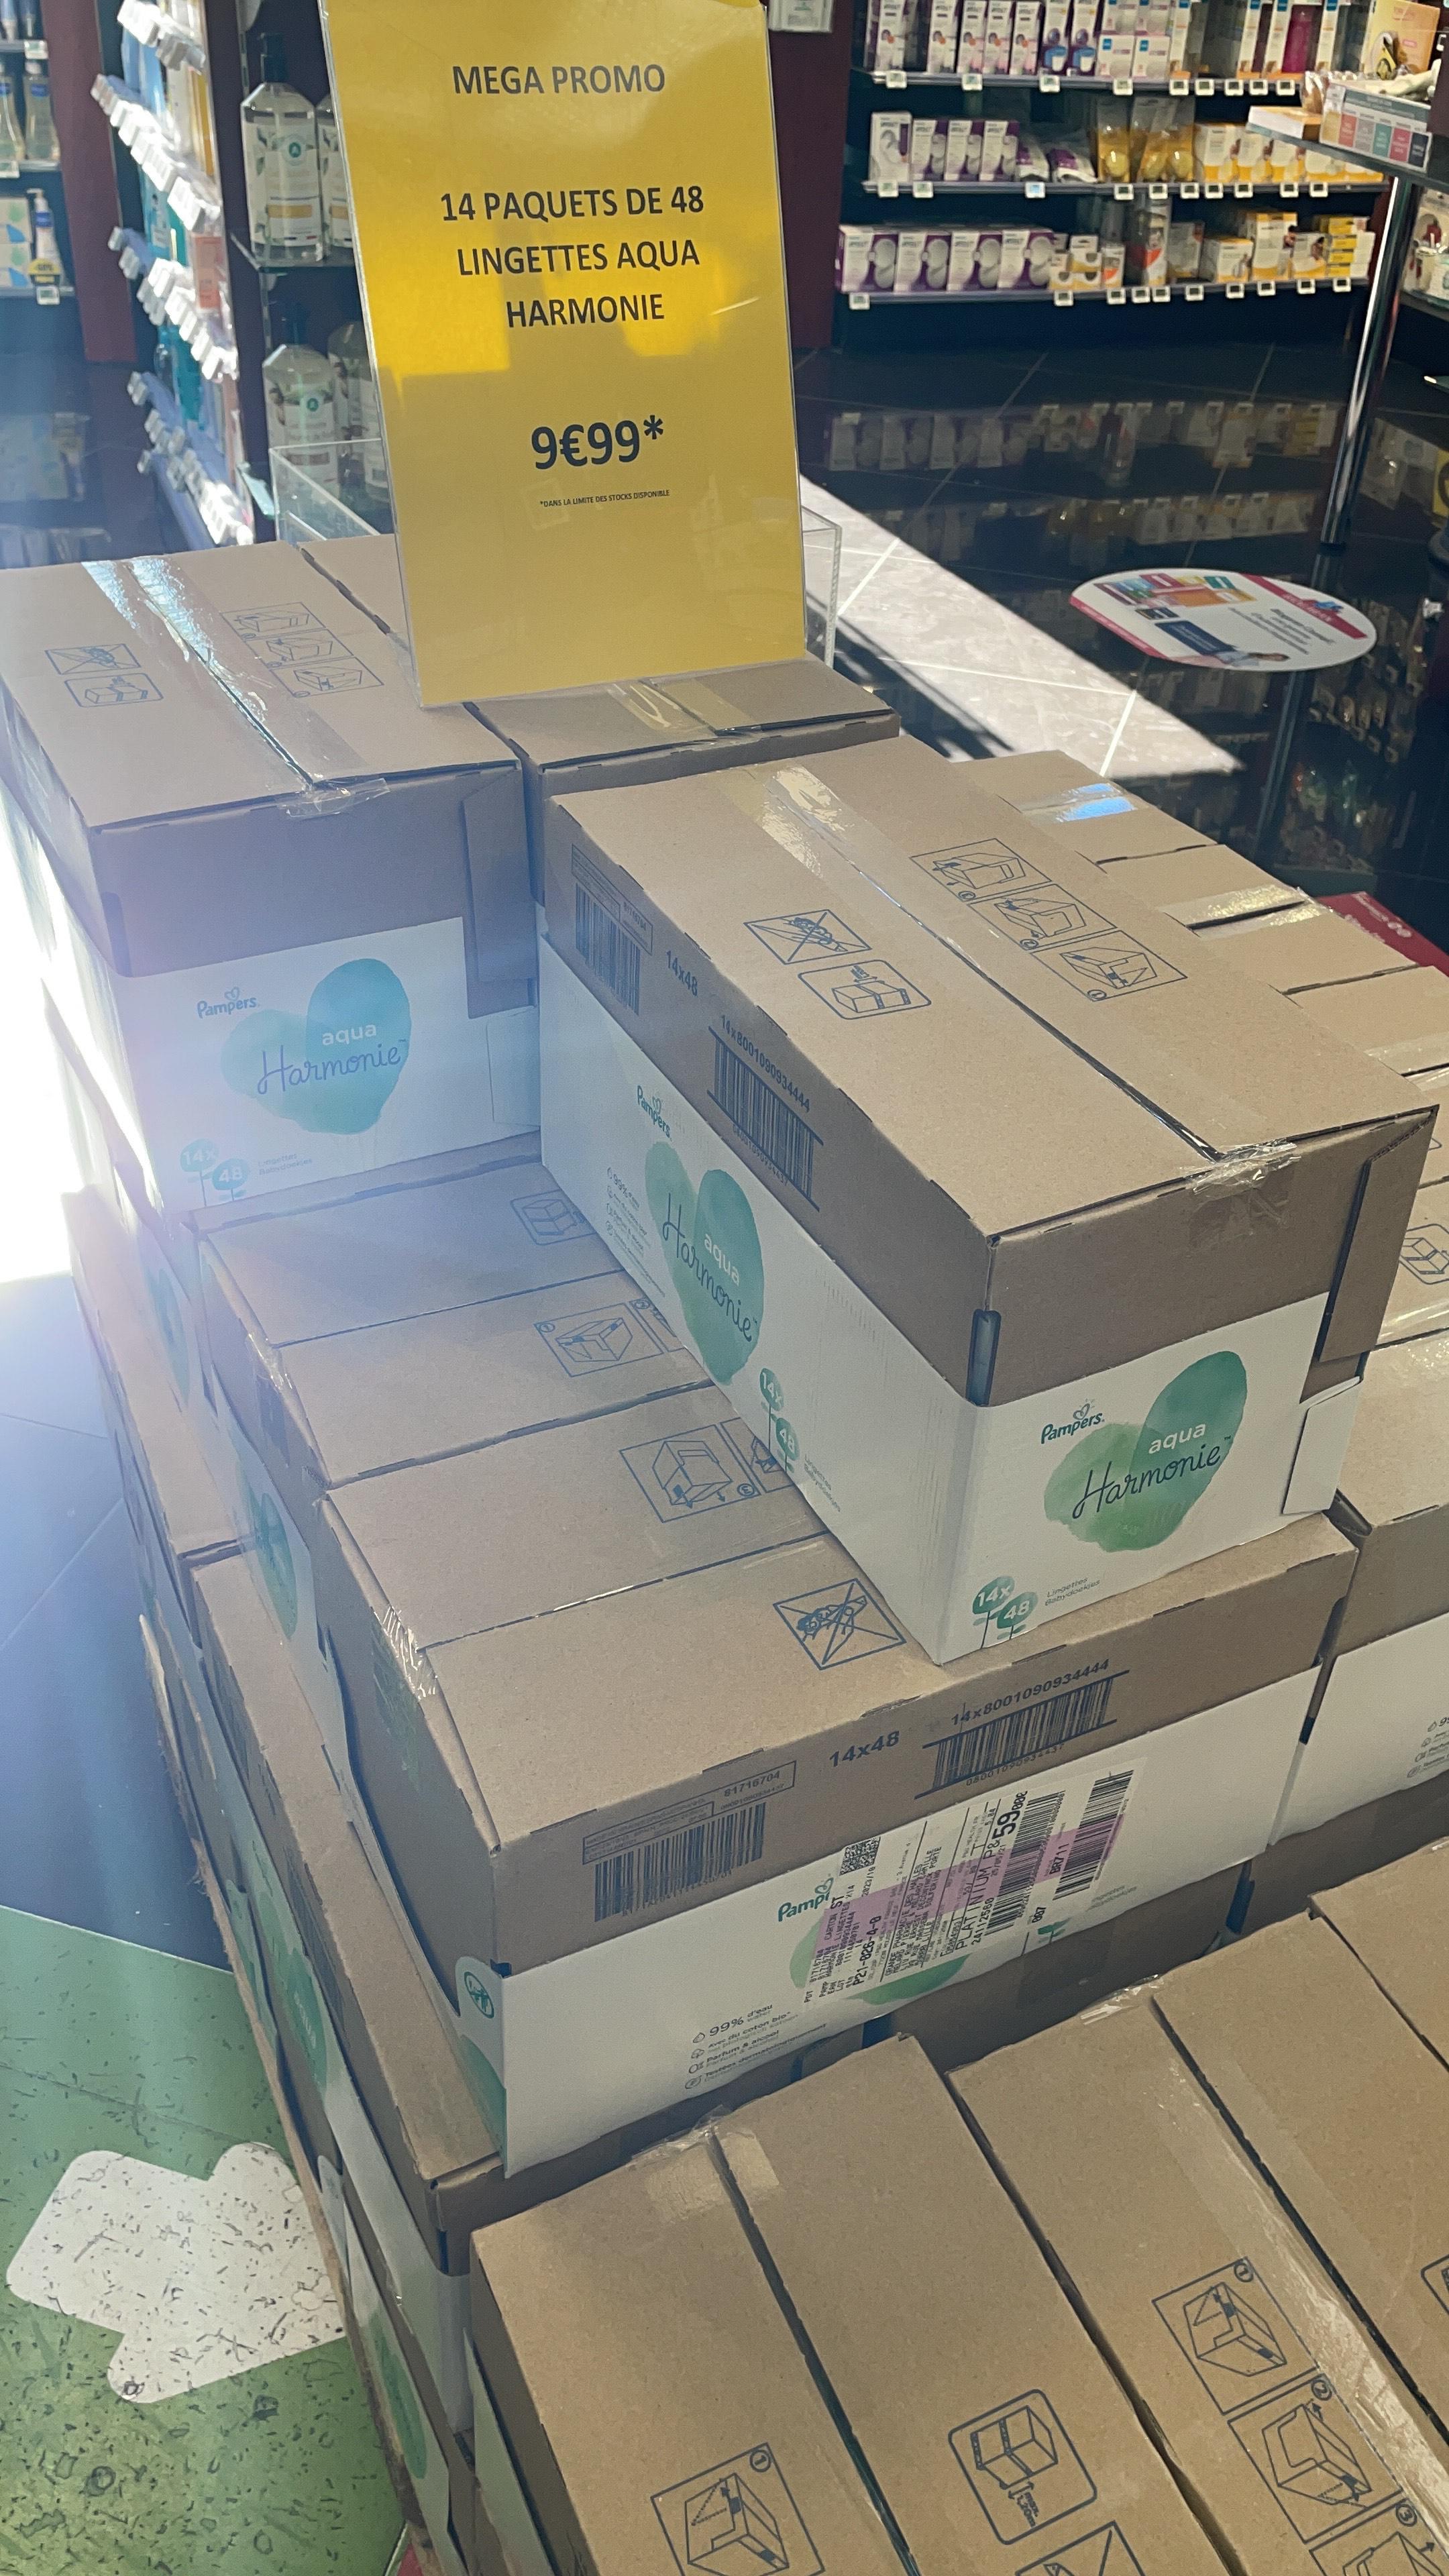 Lot de 14 paquets de lingettes Pampers Harmonie Aqua (14 x 48 lingettes) - Pharmacie 24/24 Lille (59)